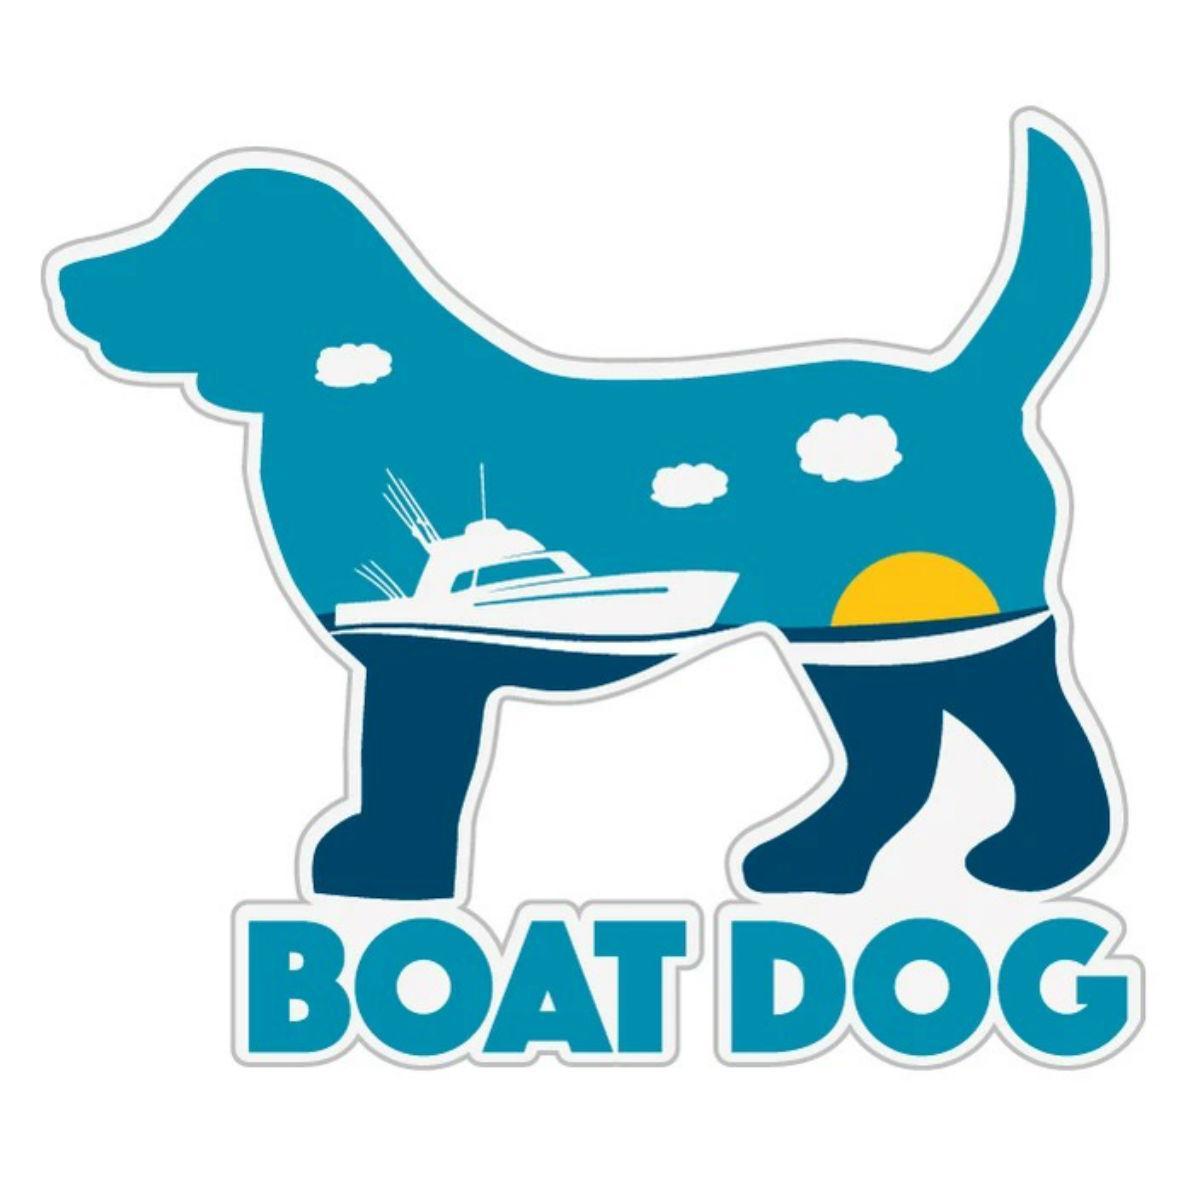 Boat Dog Sticker by Dog Speak